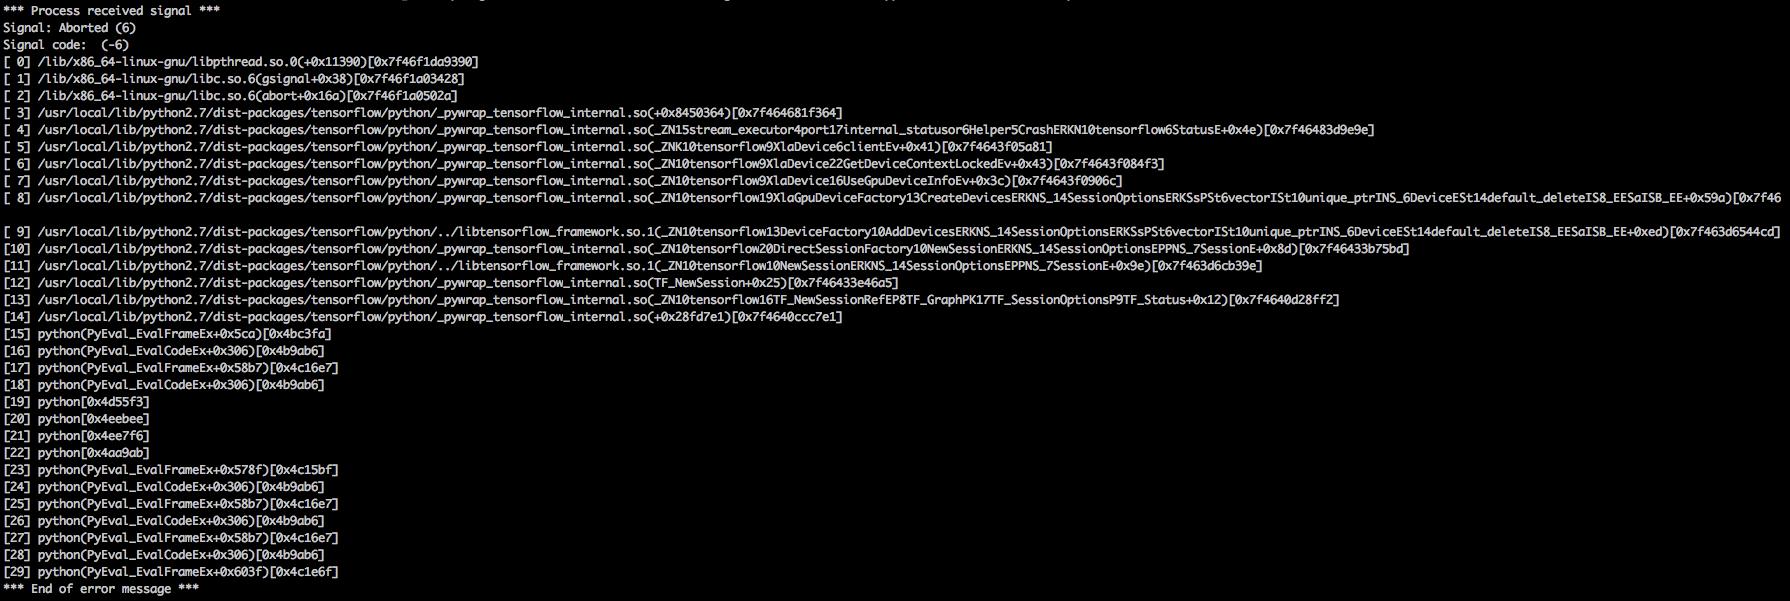 crash when using tf_nightly_gpu==1 14 1-dev20190609 · Issue